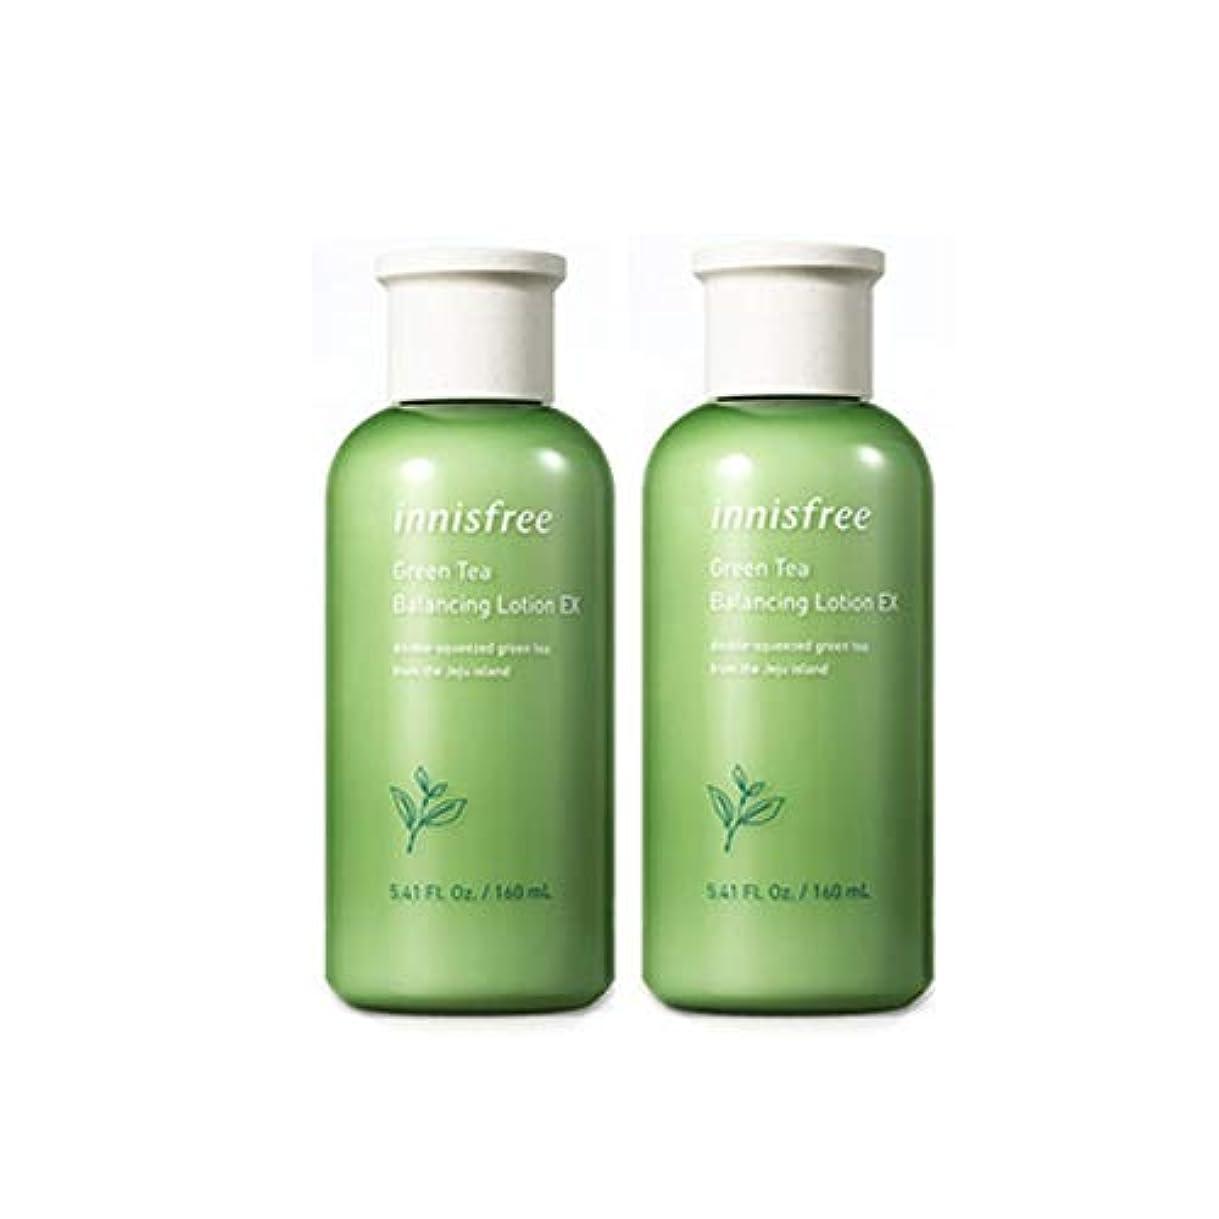 再生送信するペチュランスイニスフリーグリーンティーバランシングローション160mlx 2本セット水分ローション韓国コスメ、innisfree Green Tea Balancing Lotion 160ml x 2ea Set Korean Cosmetics...